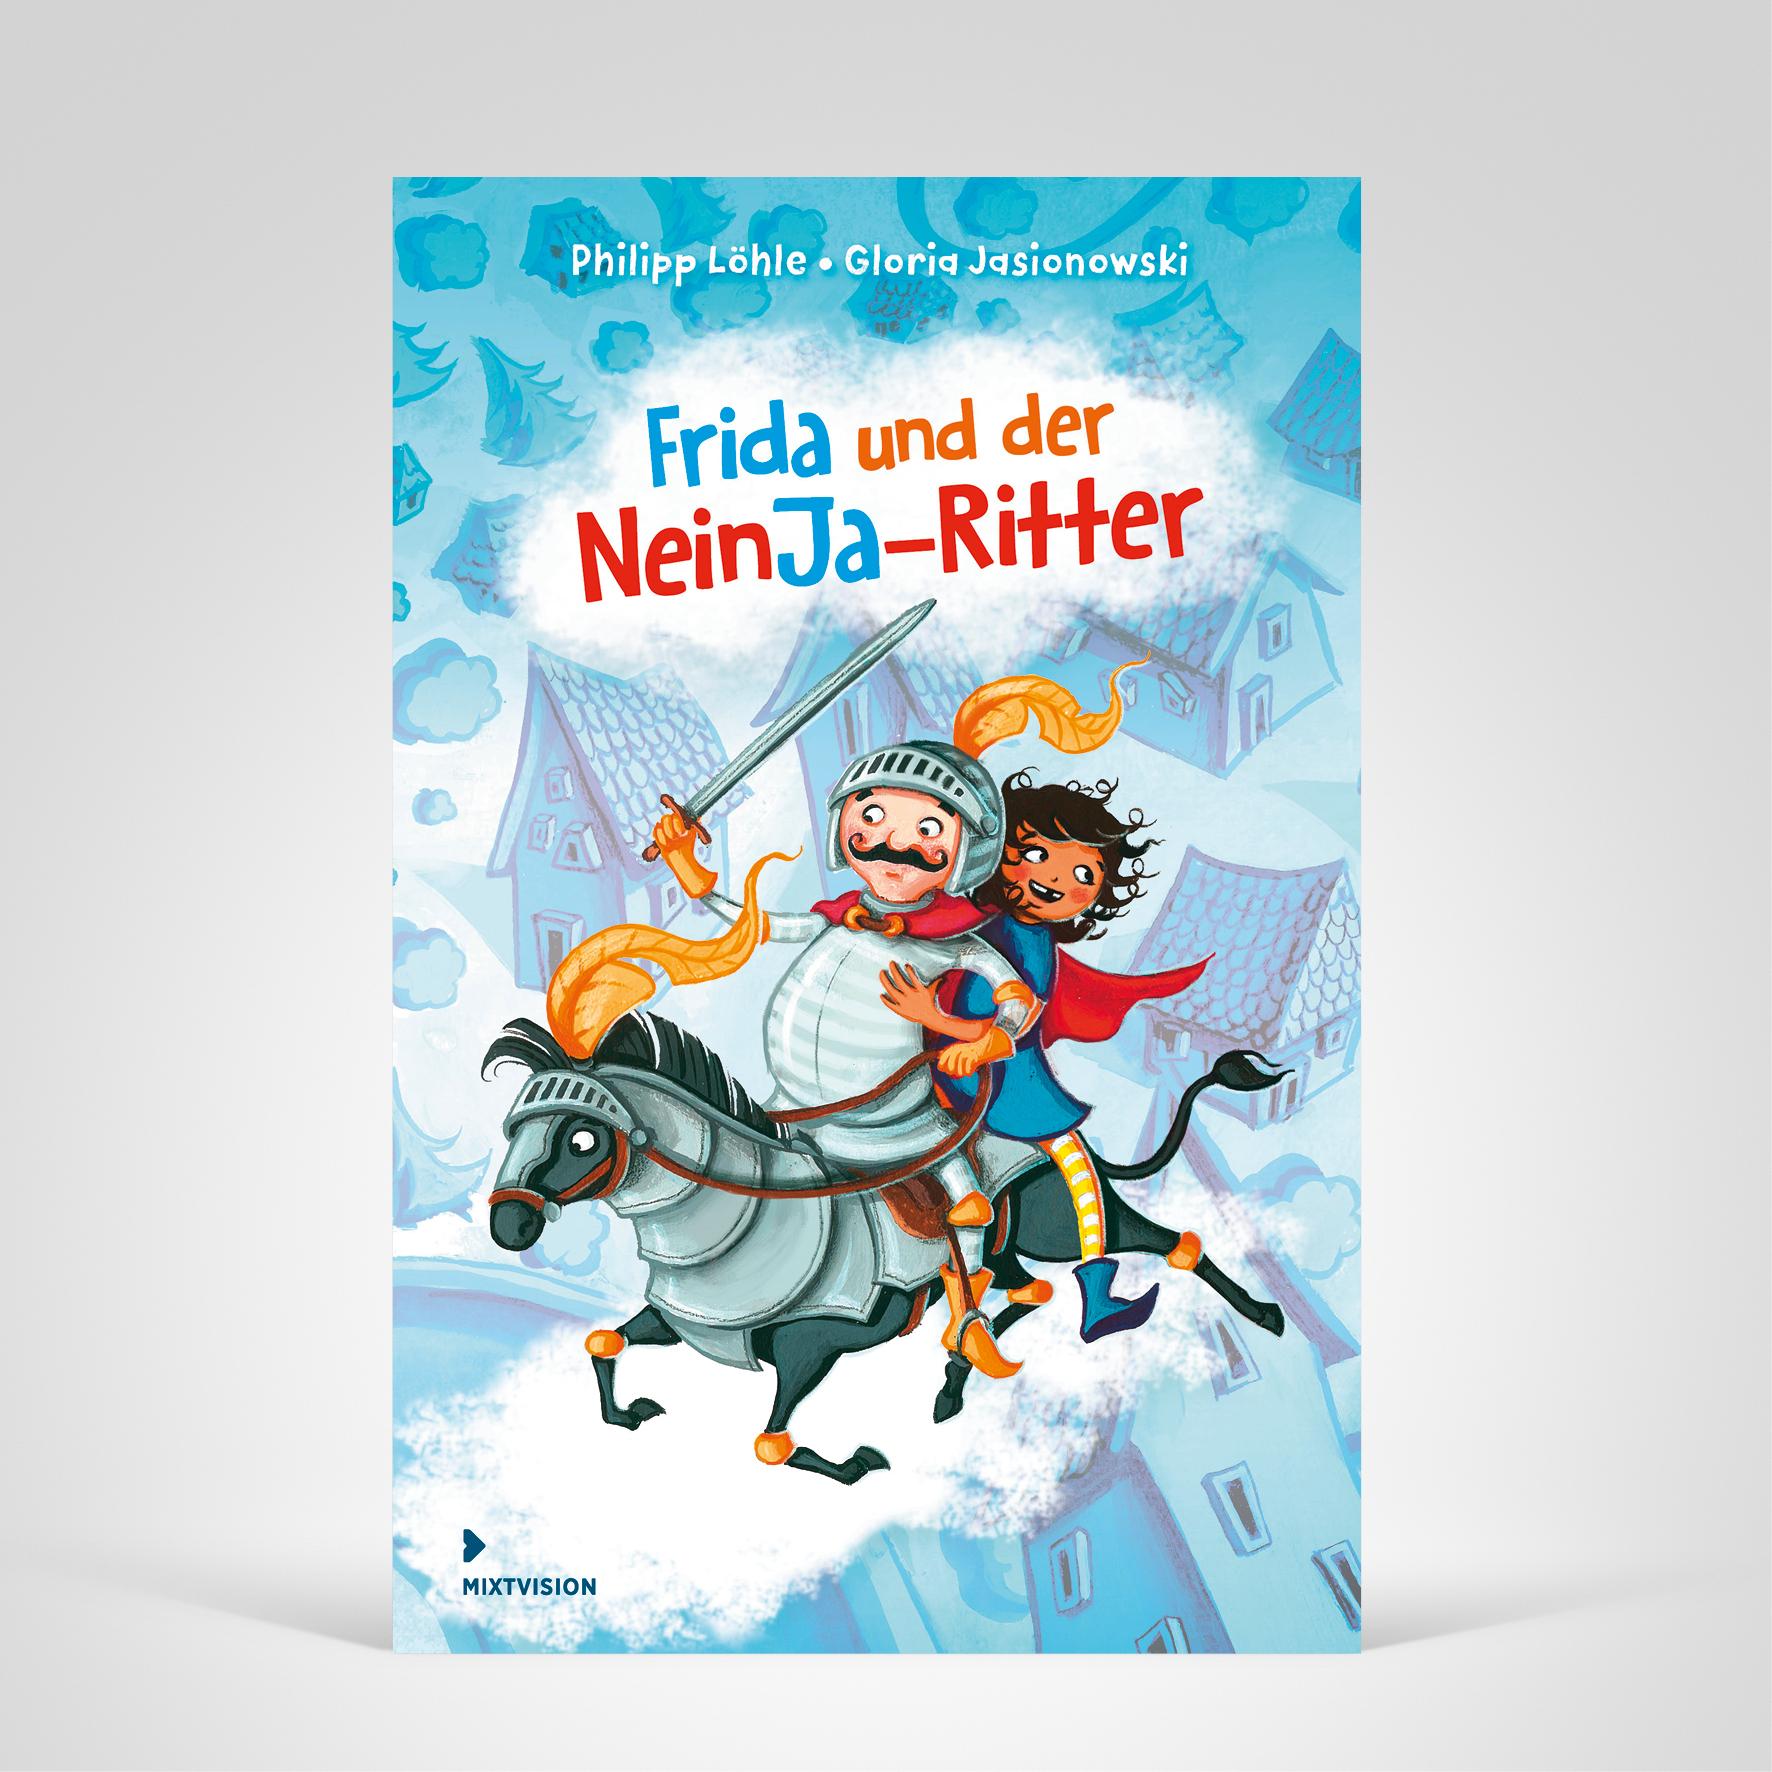 Frida und der NeinJa-Ritter, Titelbild